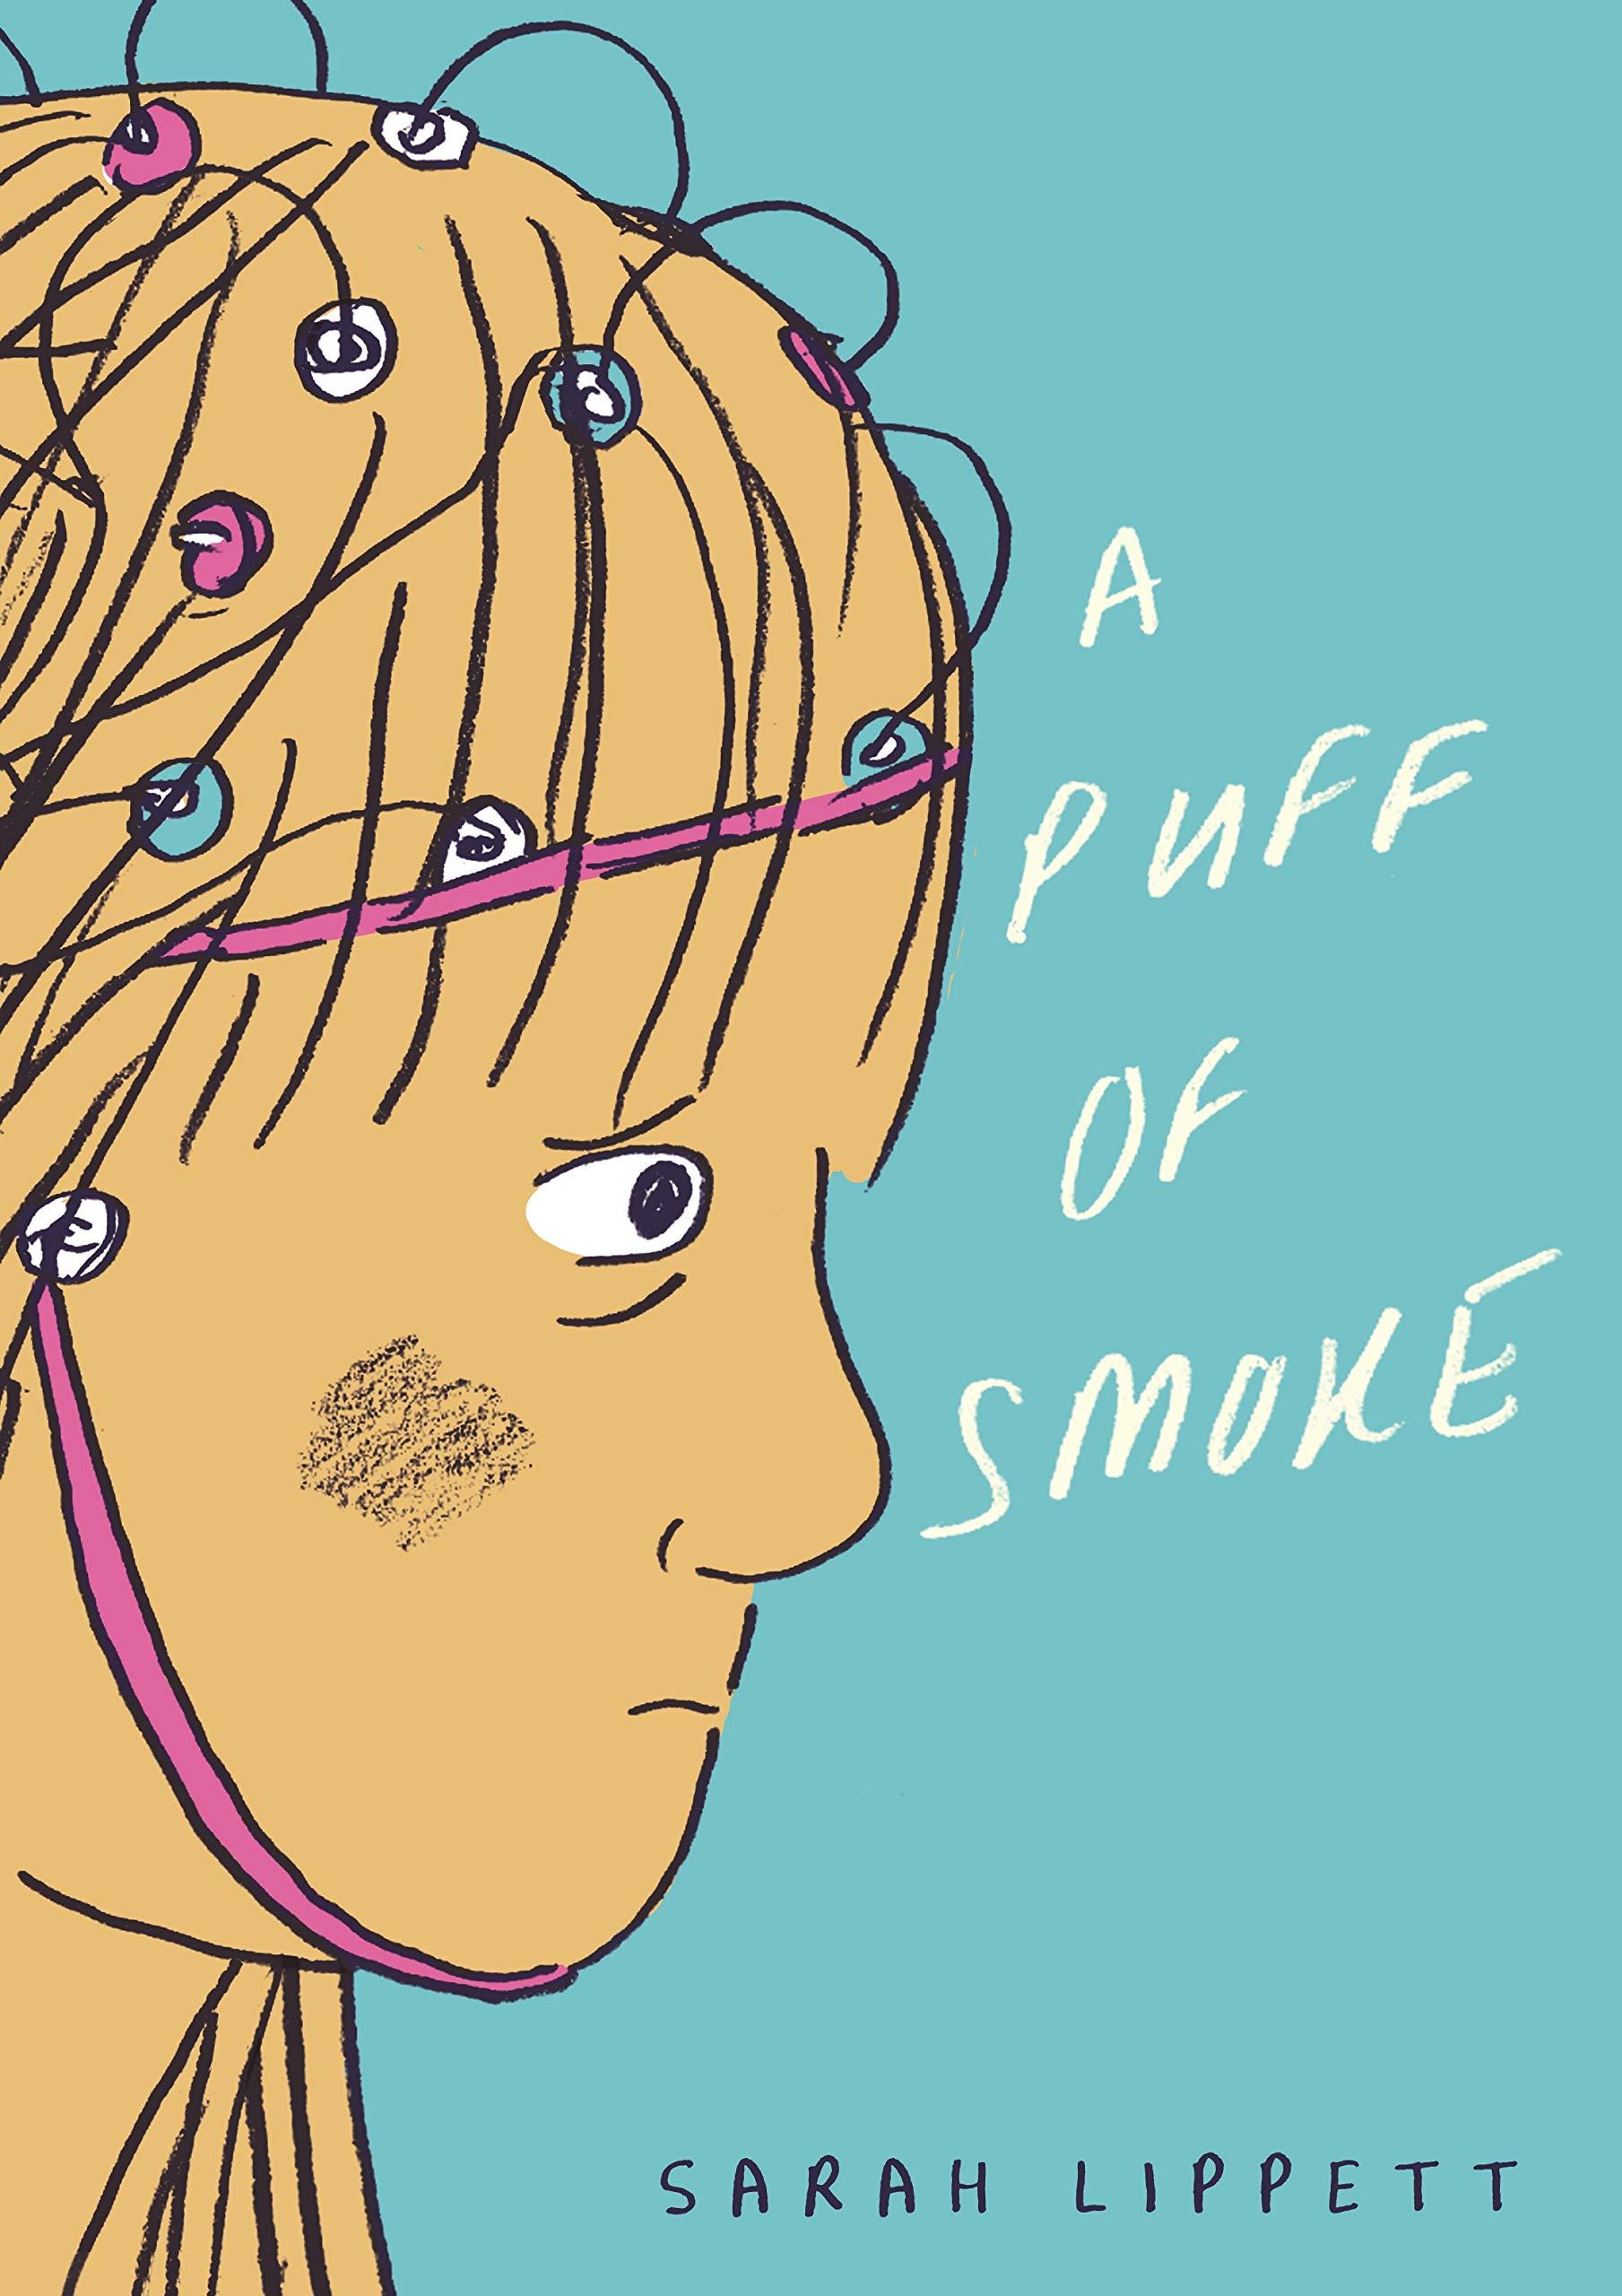 A Puff of Smoke by Sarah Lippett (Jonathan Cape)